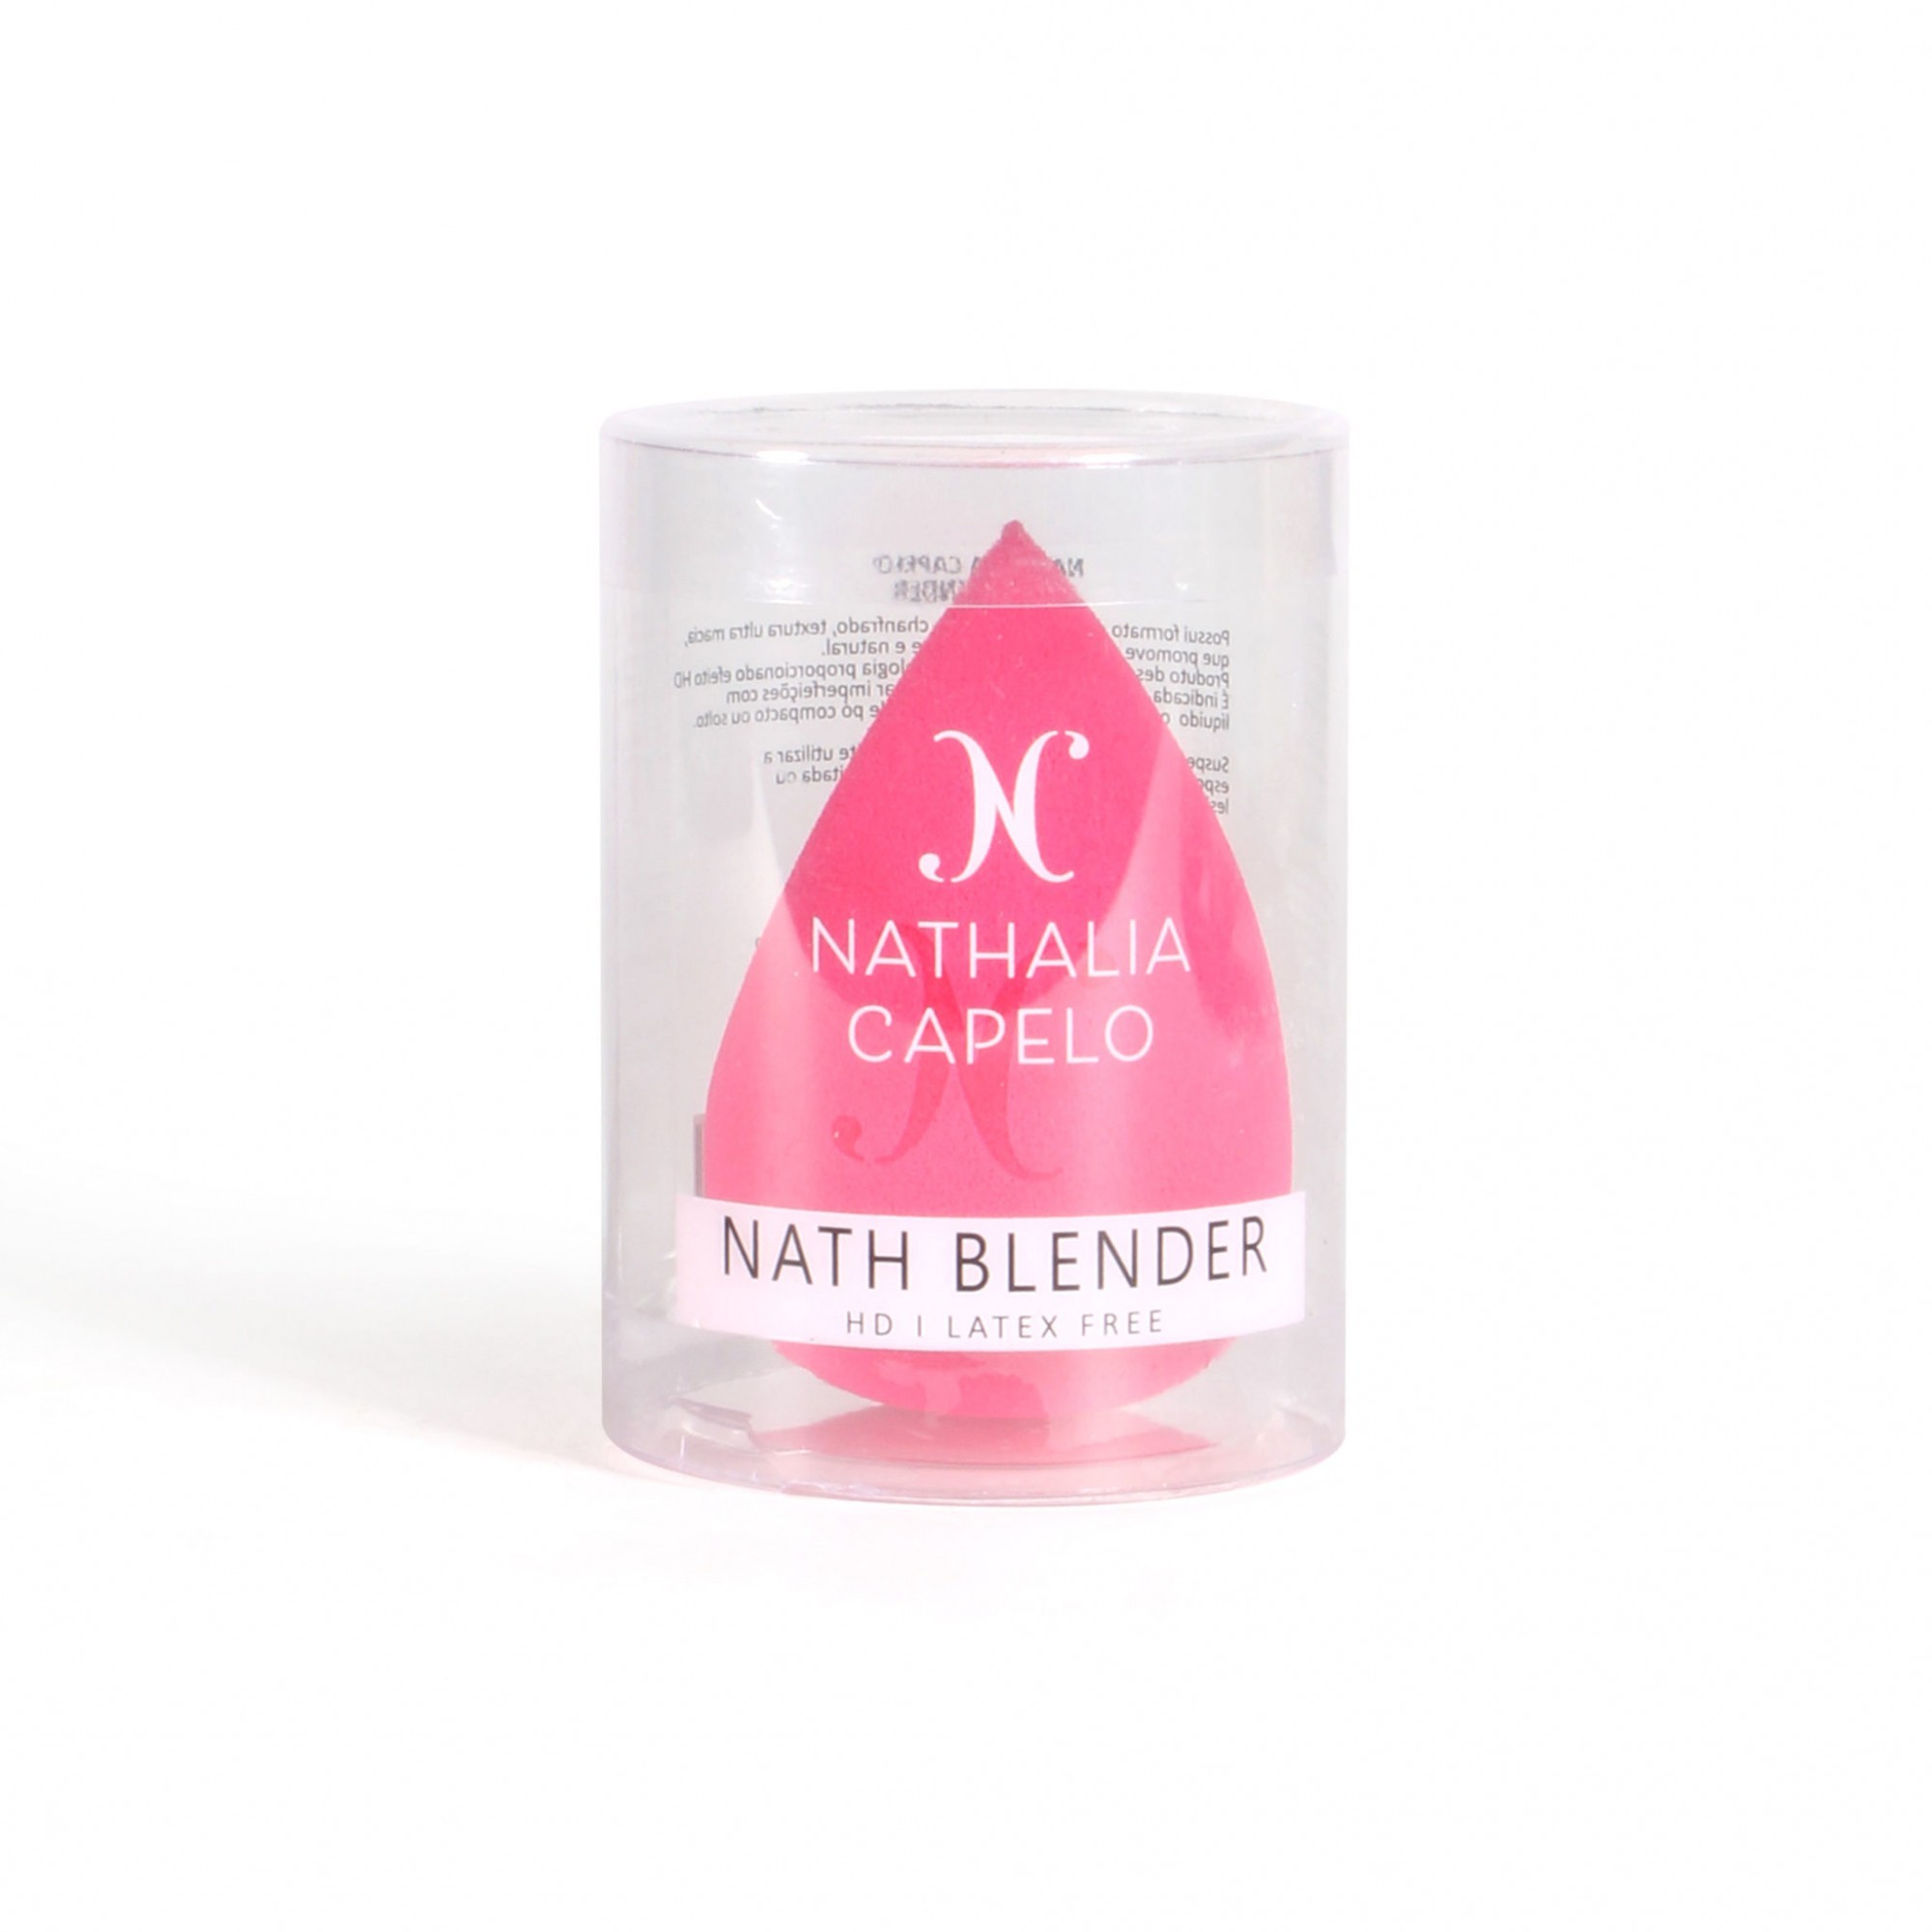 Nath Blender - Nathalia Capelo Esponja de Maquiagem